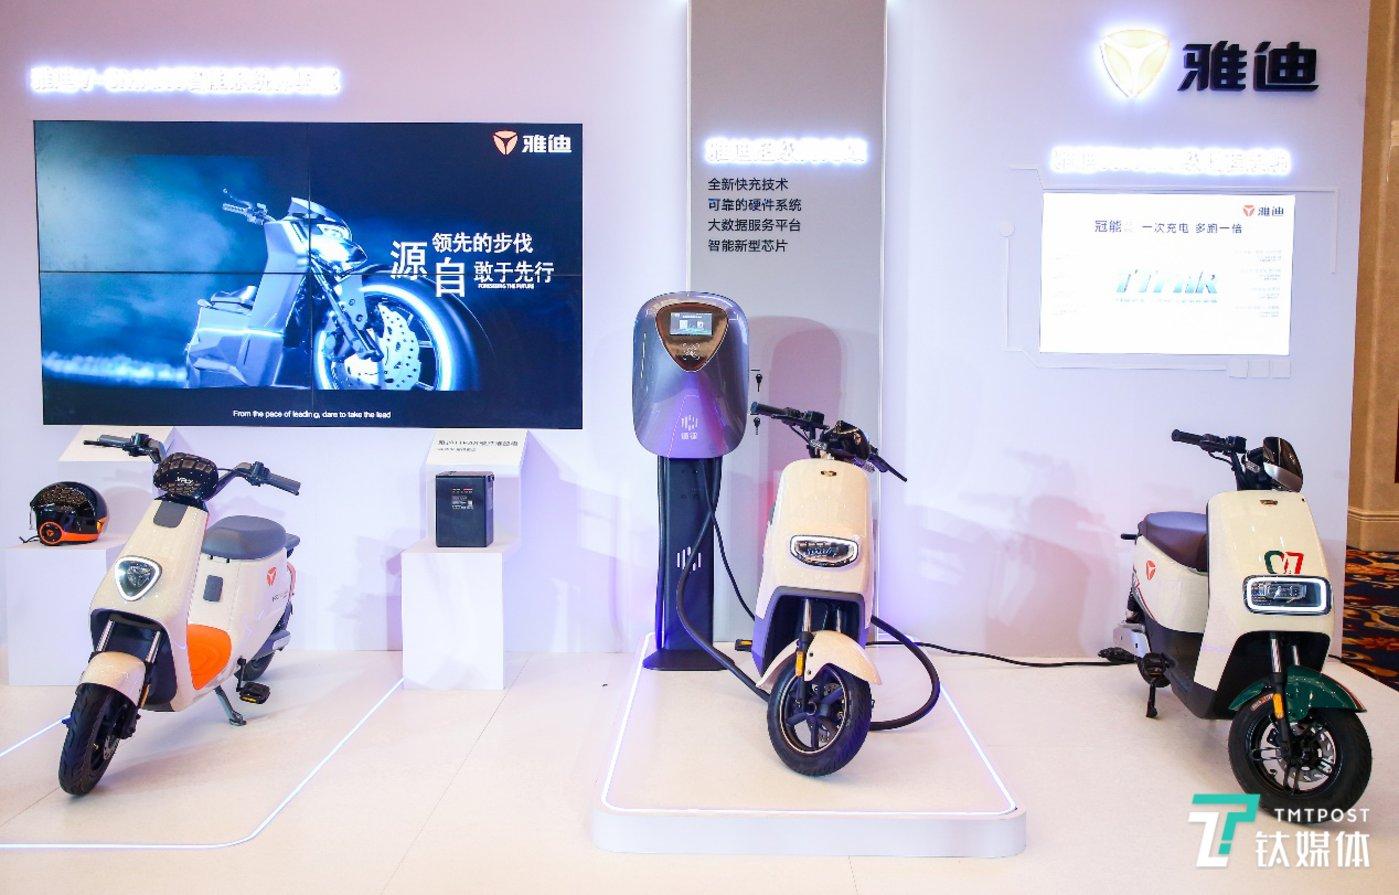 雅迪推出的智联化电动自行车